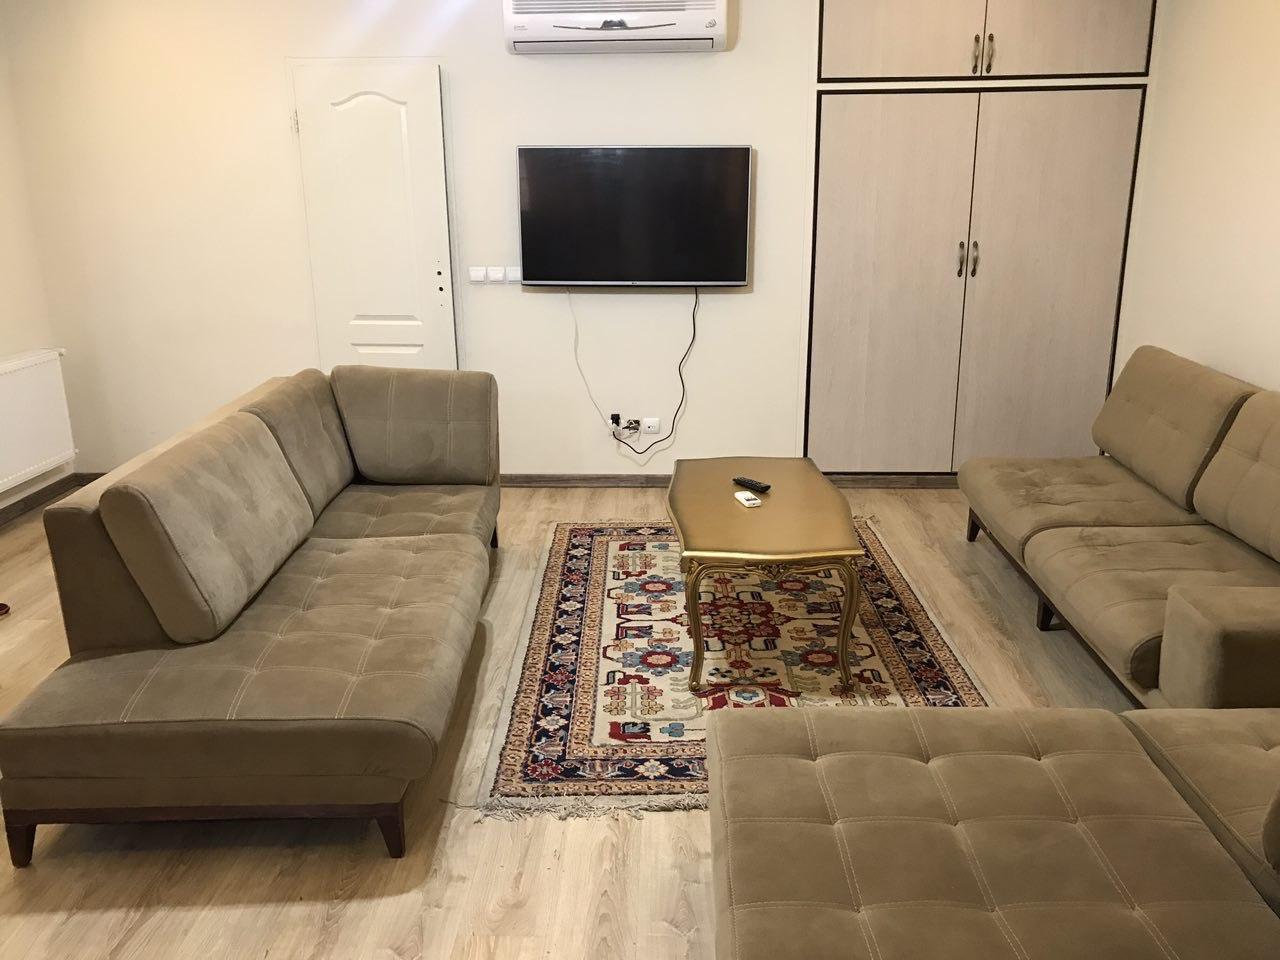 اجاره آپارتمان مبله ارزان در تهران آزادی نواب